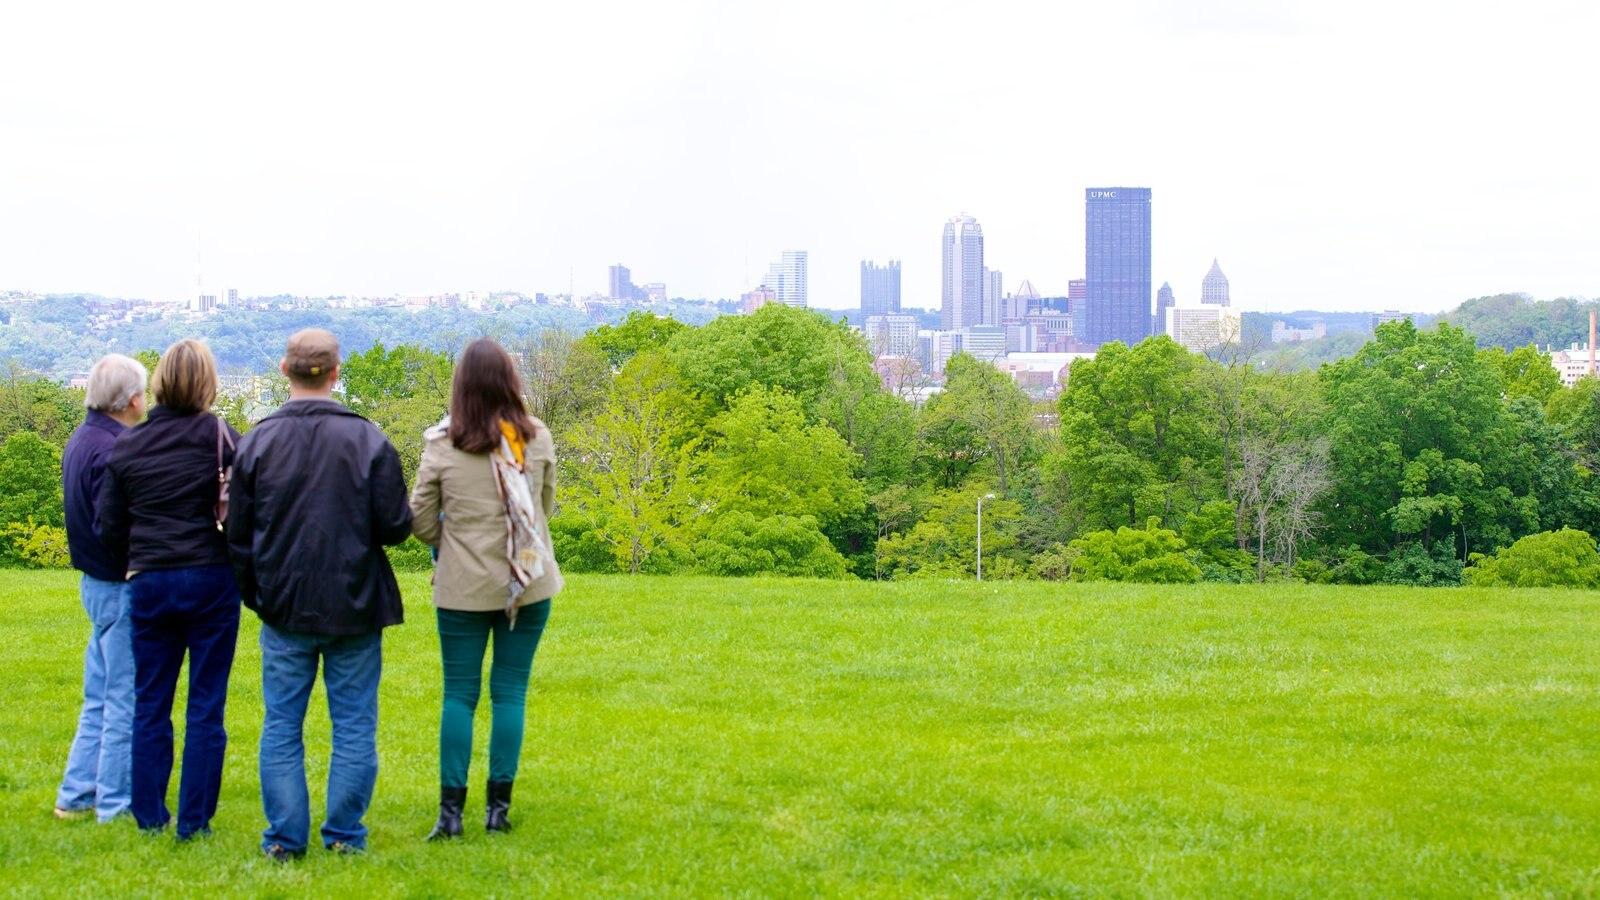 Pittsburgh caracterizando linha do horizonte e um jardim assim como um pequeno grupo de pessoas